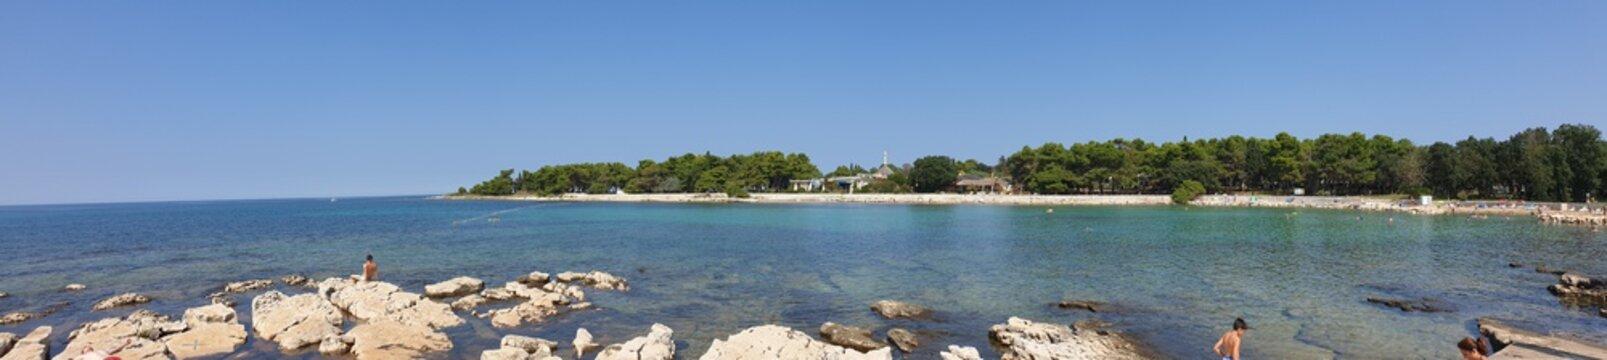 Laguna Stella Maris Beach Monterol in Kroatien